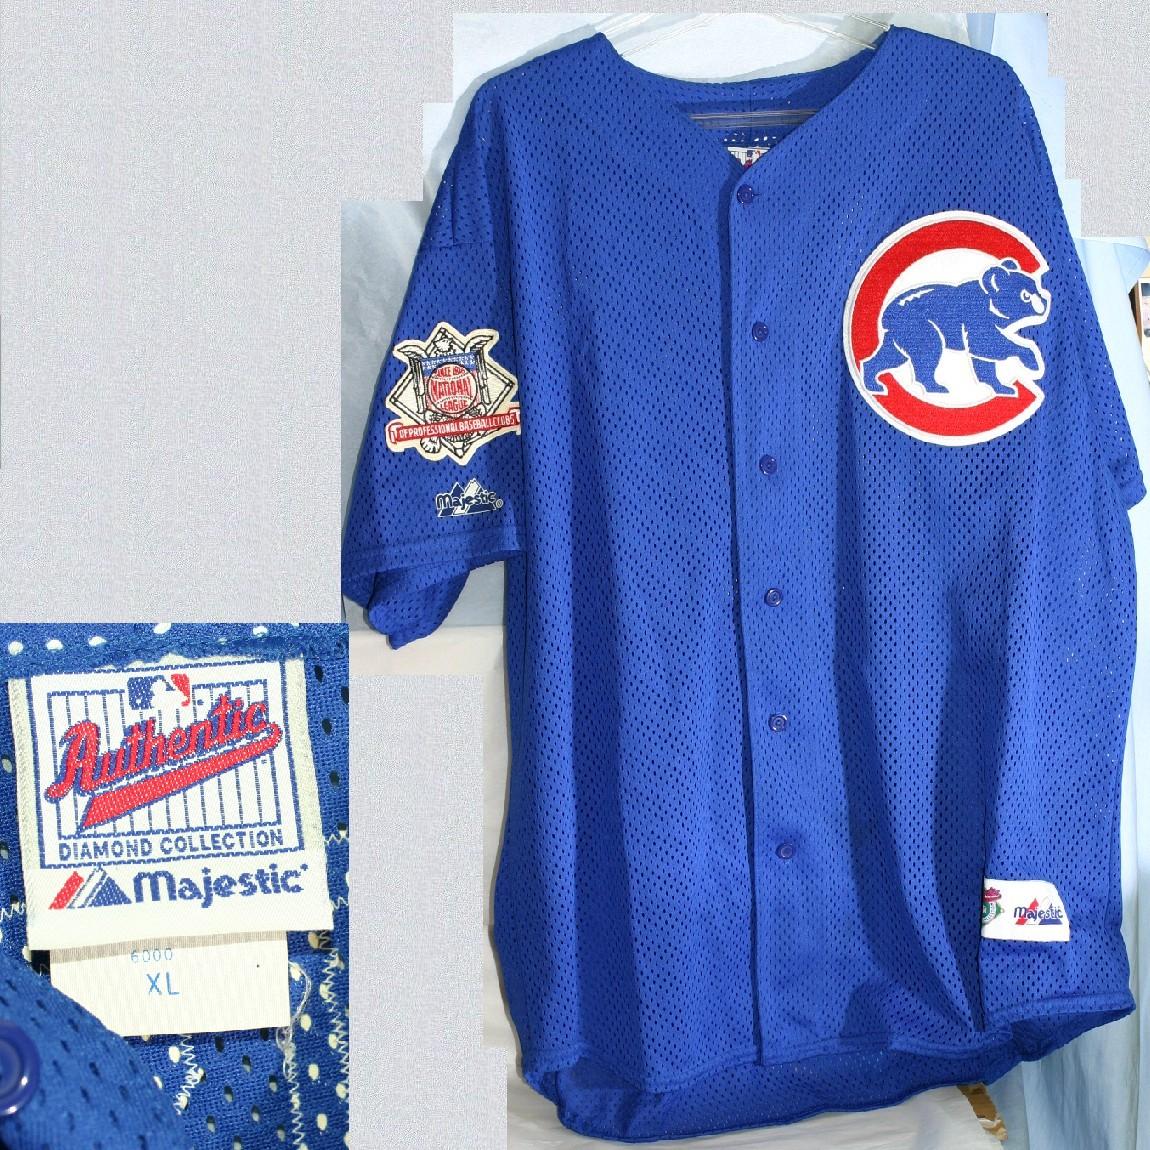 【中古】新品MLB元シカゴカブス サミーソーサ試合前着用ユニフォームサイズXL